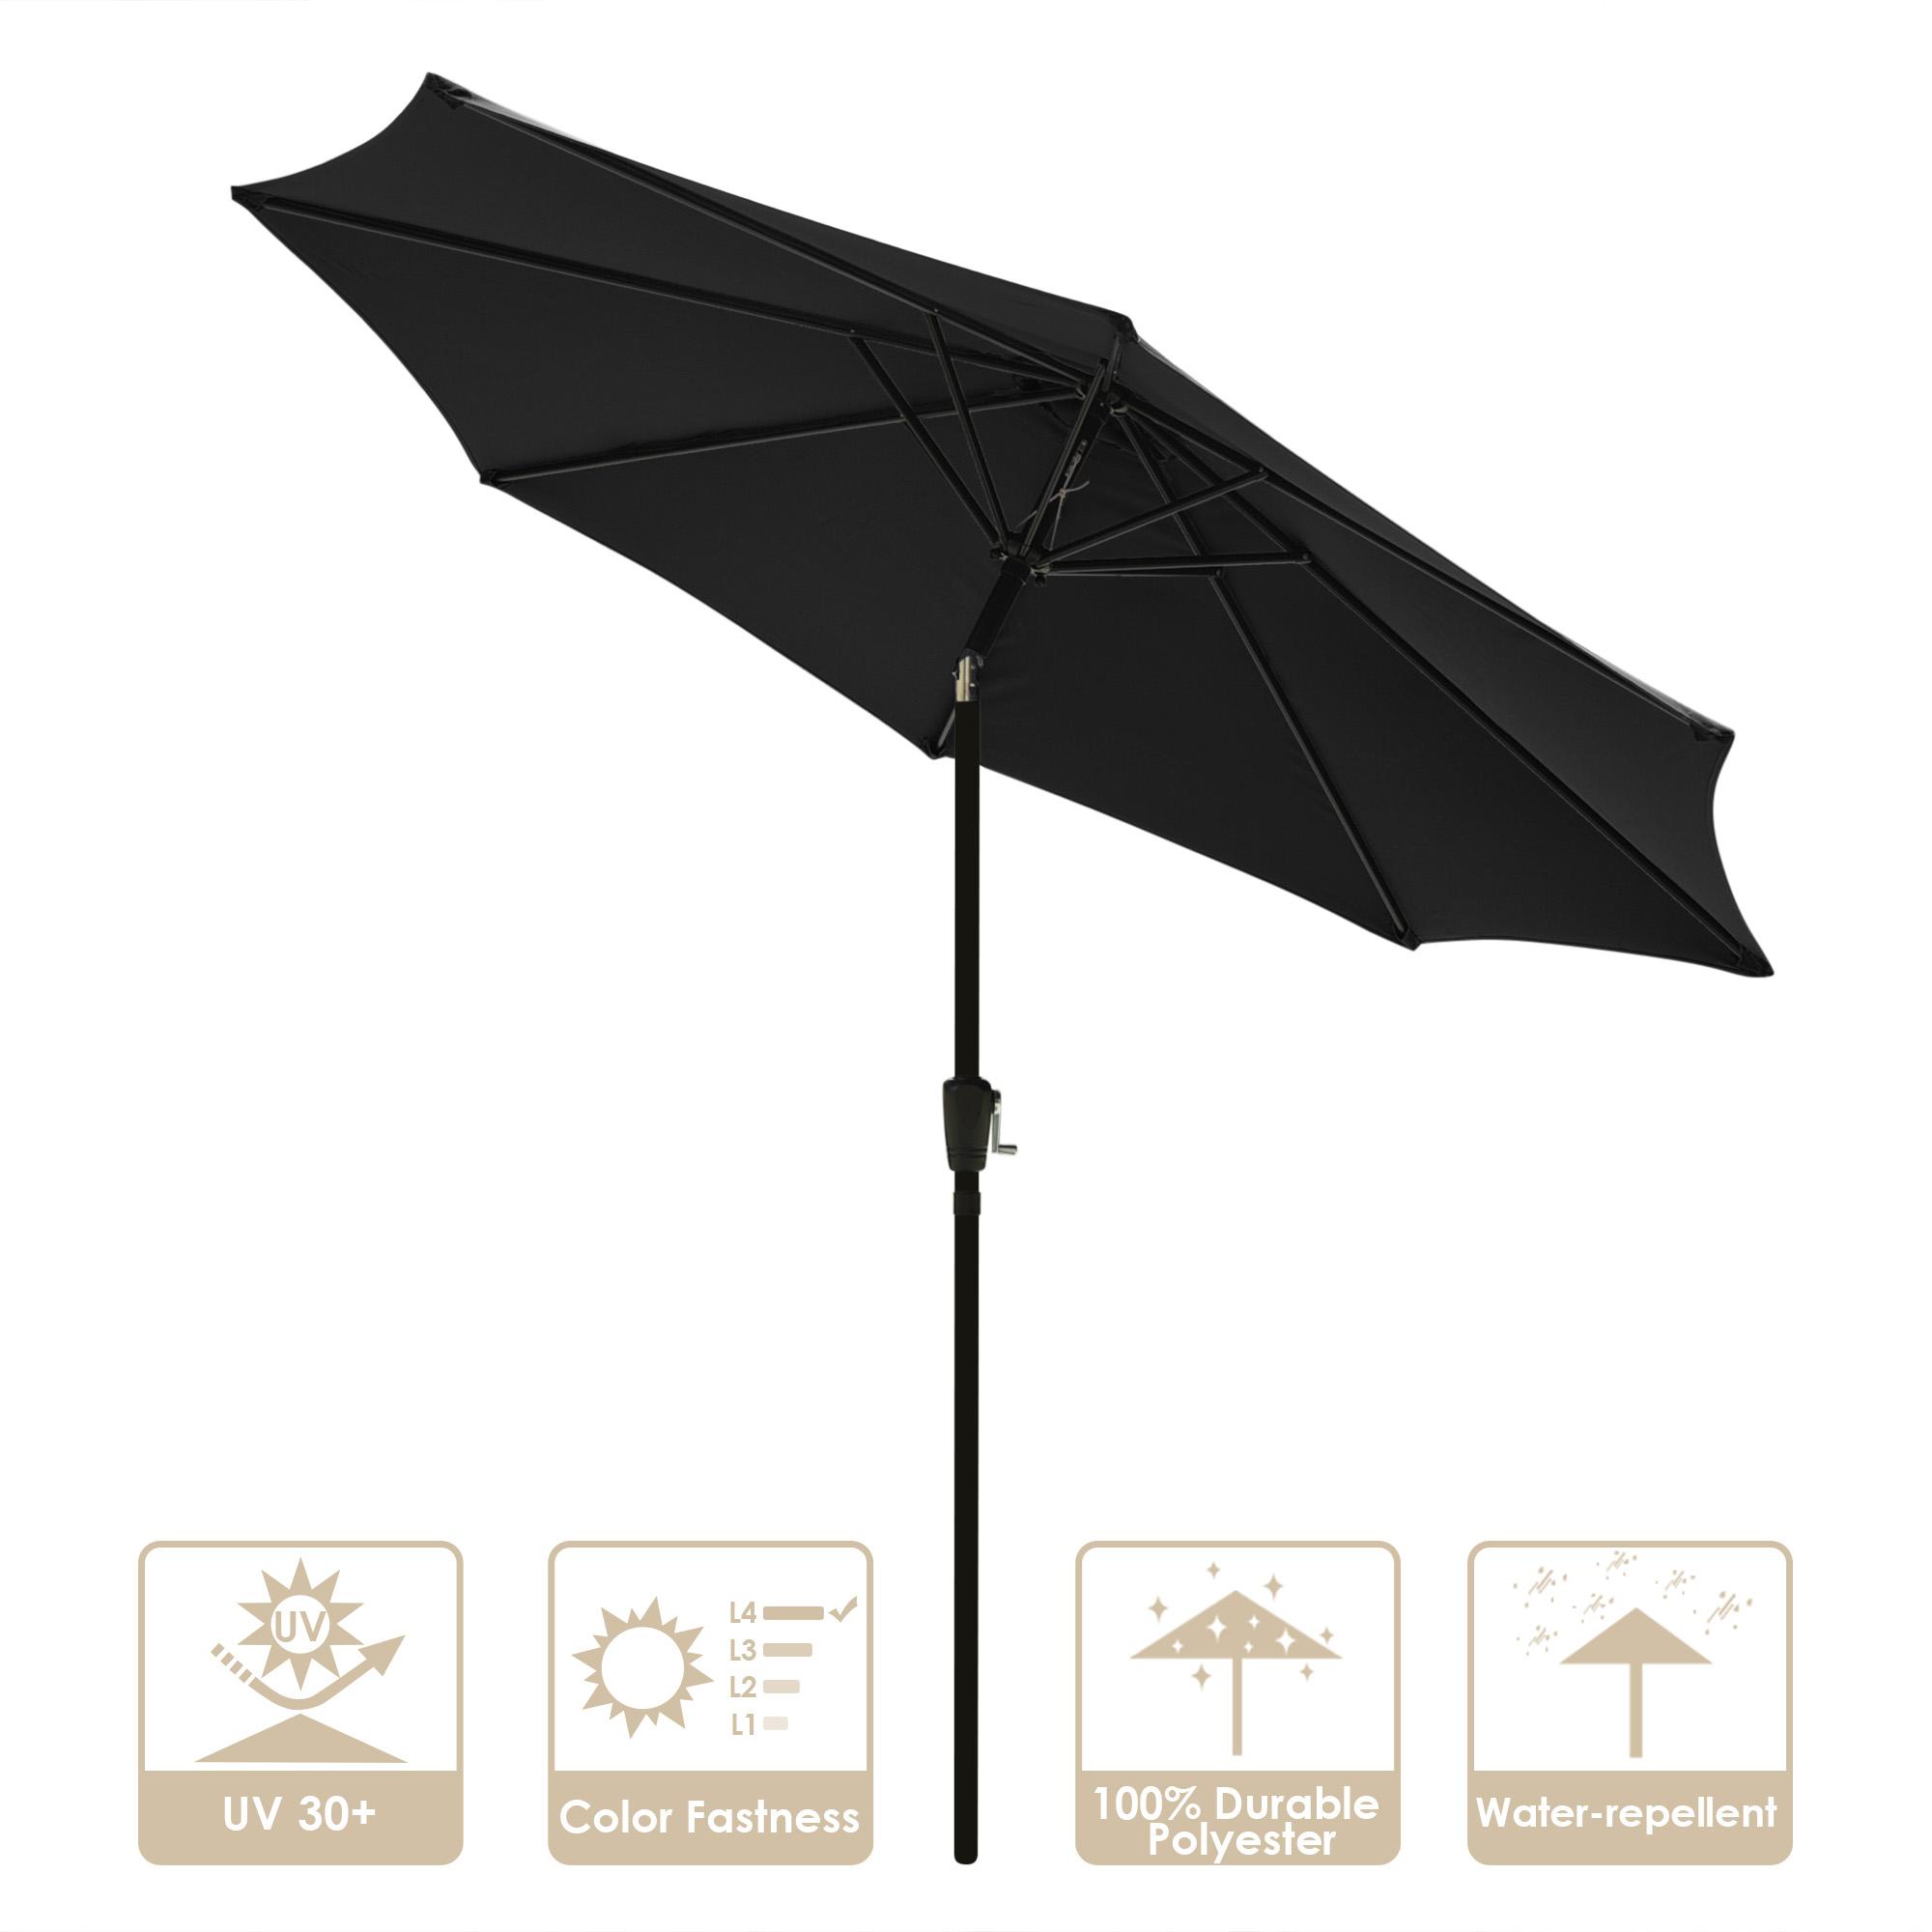 thumbnail 34 - 9' Outdoor Umbrella Patio 8 Ribs Market Garden Crank Tilt Beach Sunshade Parasol